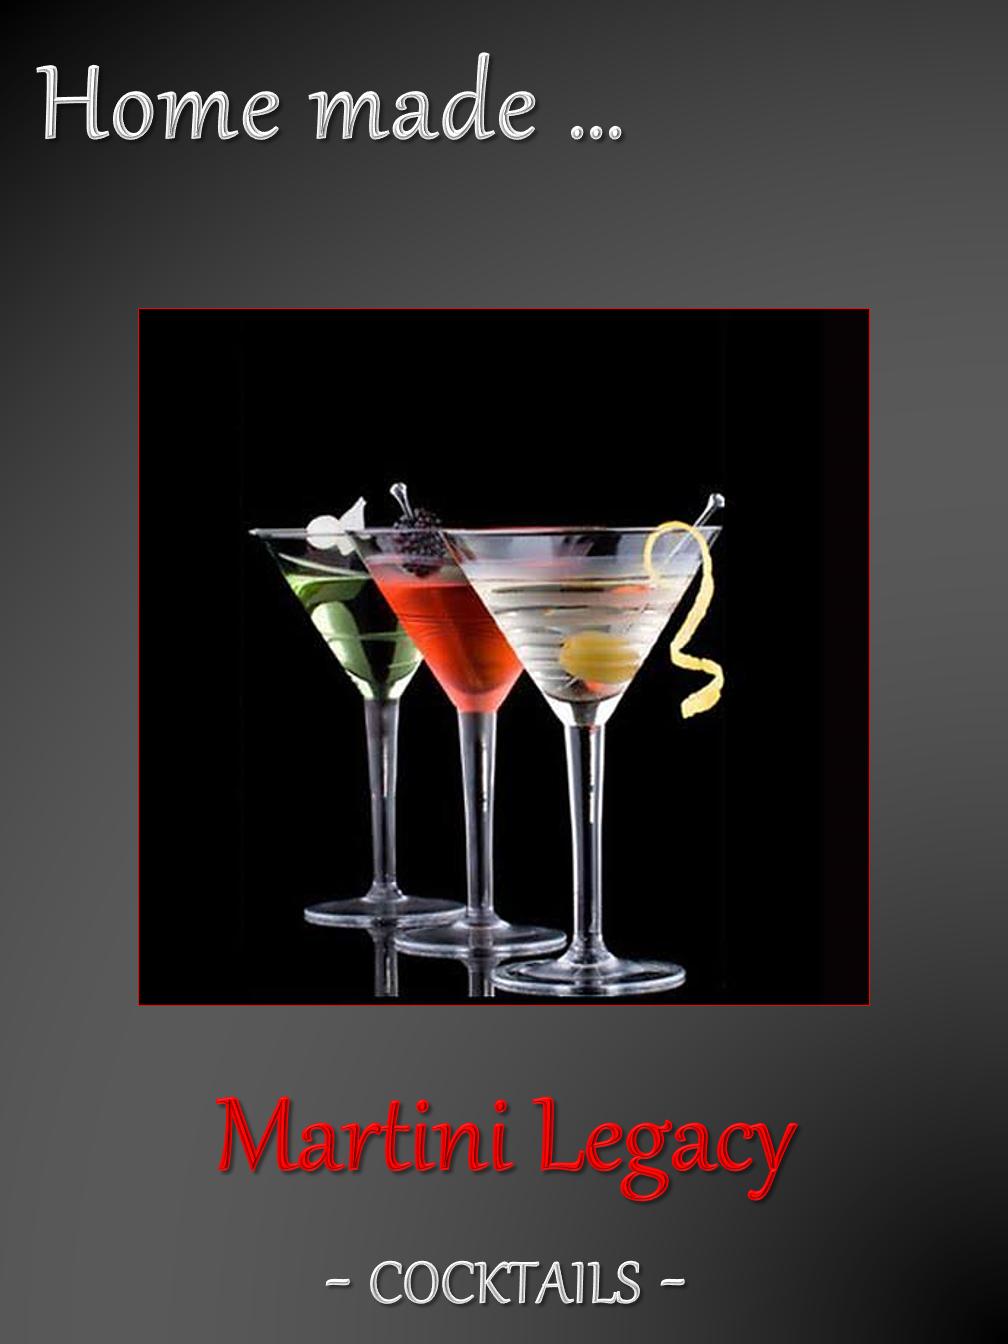 Martini Legacy